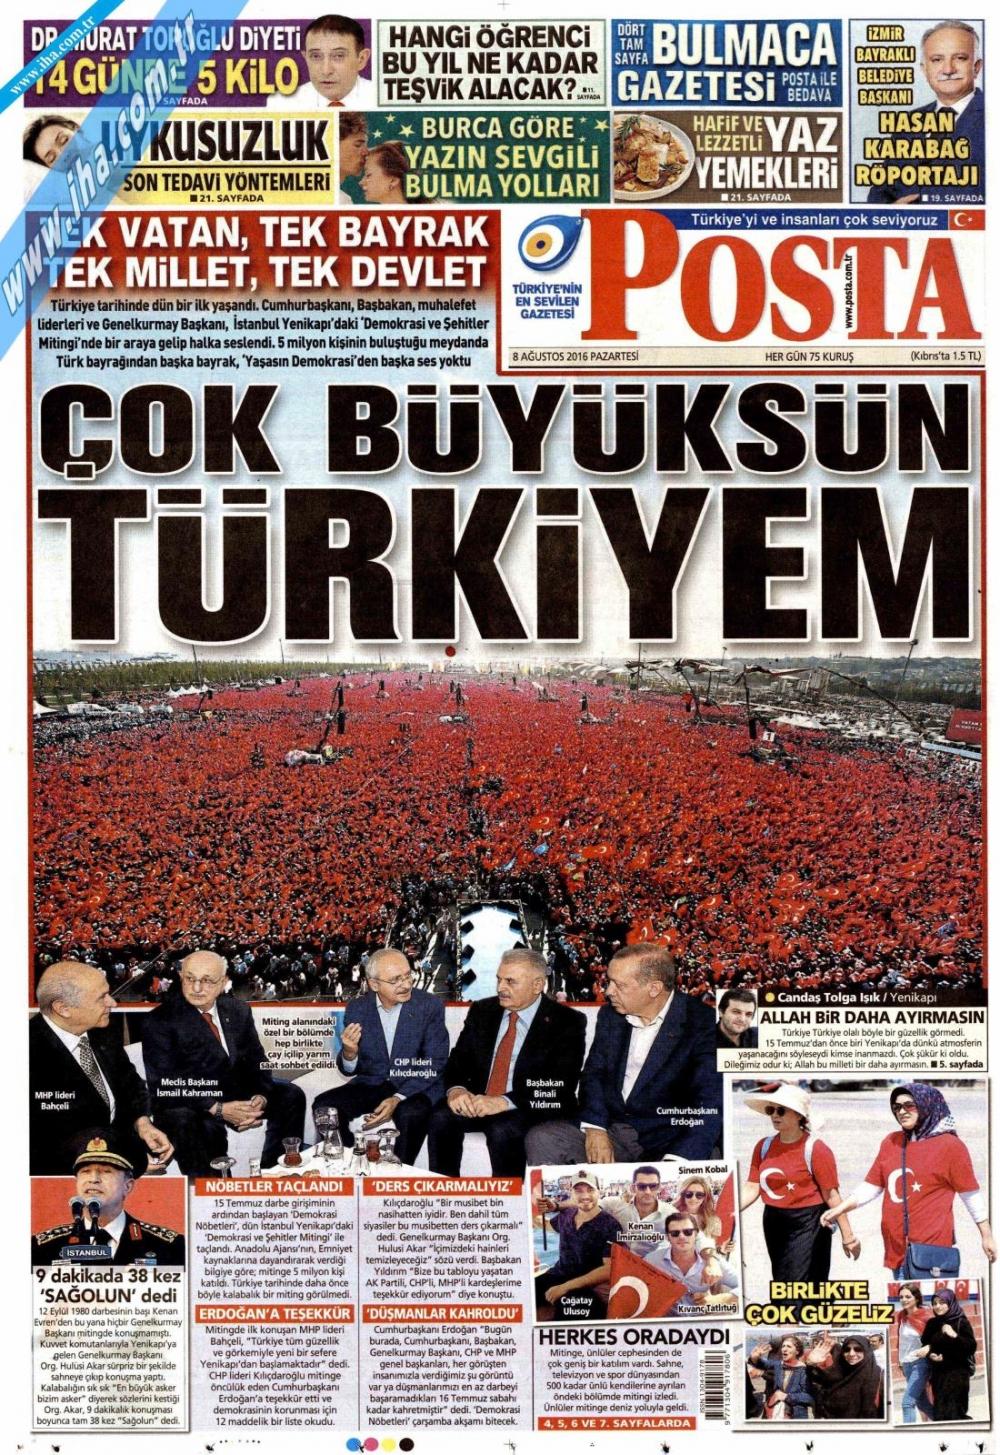 Gazeteler tarihi Yenikapı Mitingi'ni böyle gördü 14